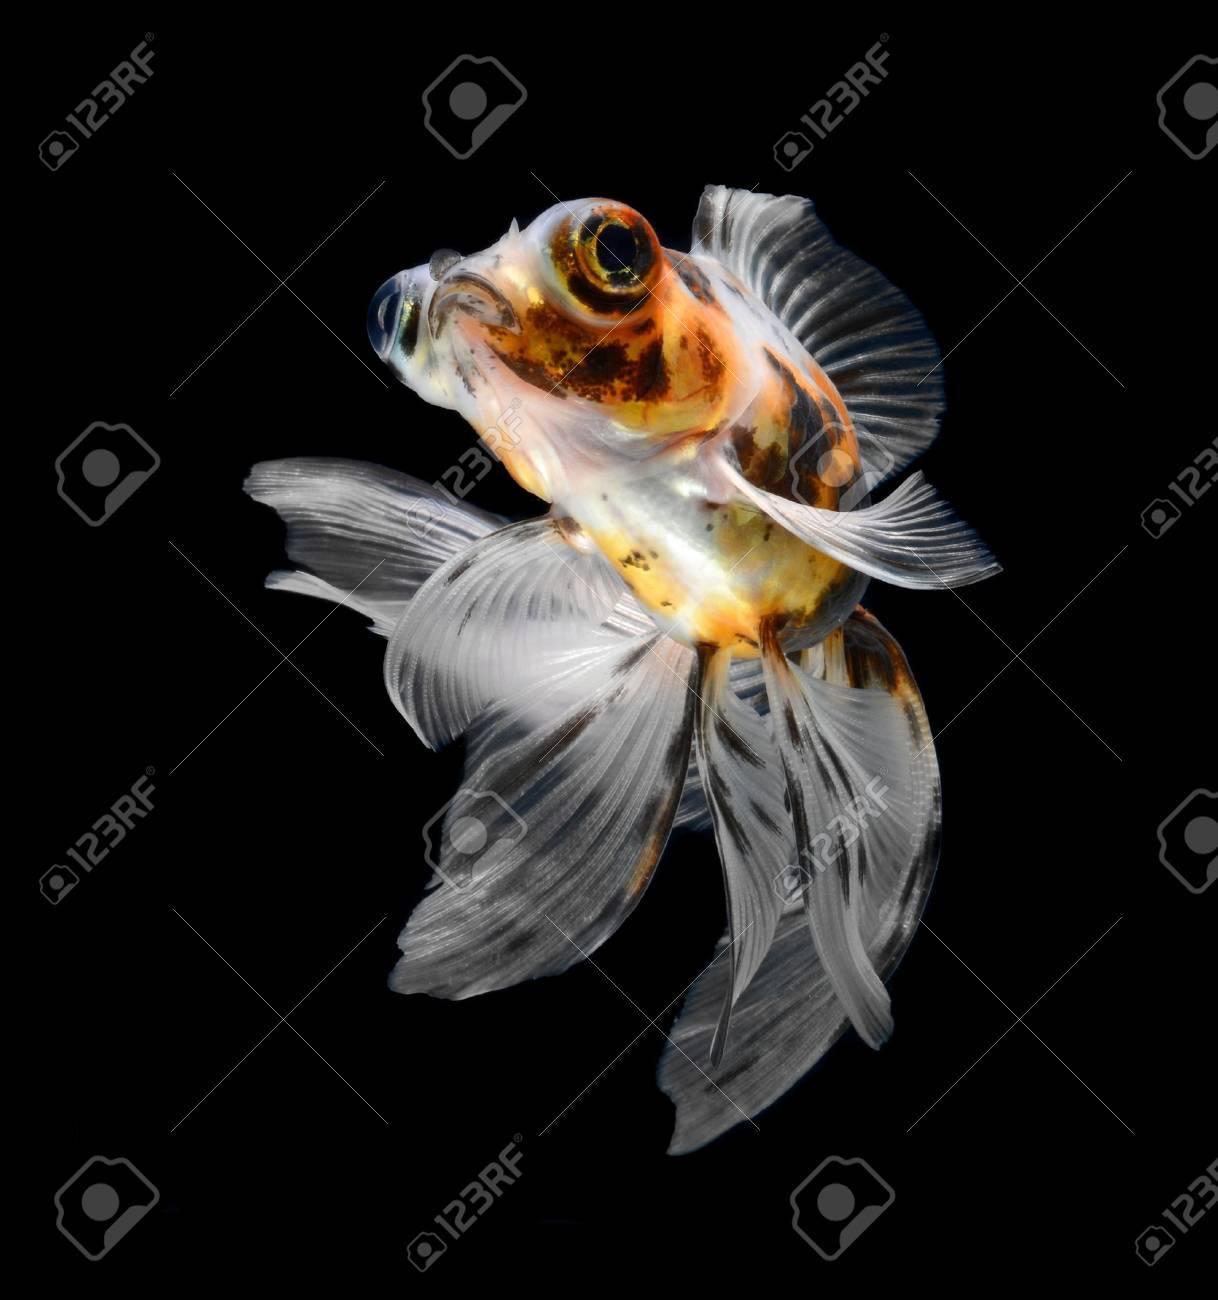 goldfish isolated on black background Stock Photo - 18001171